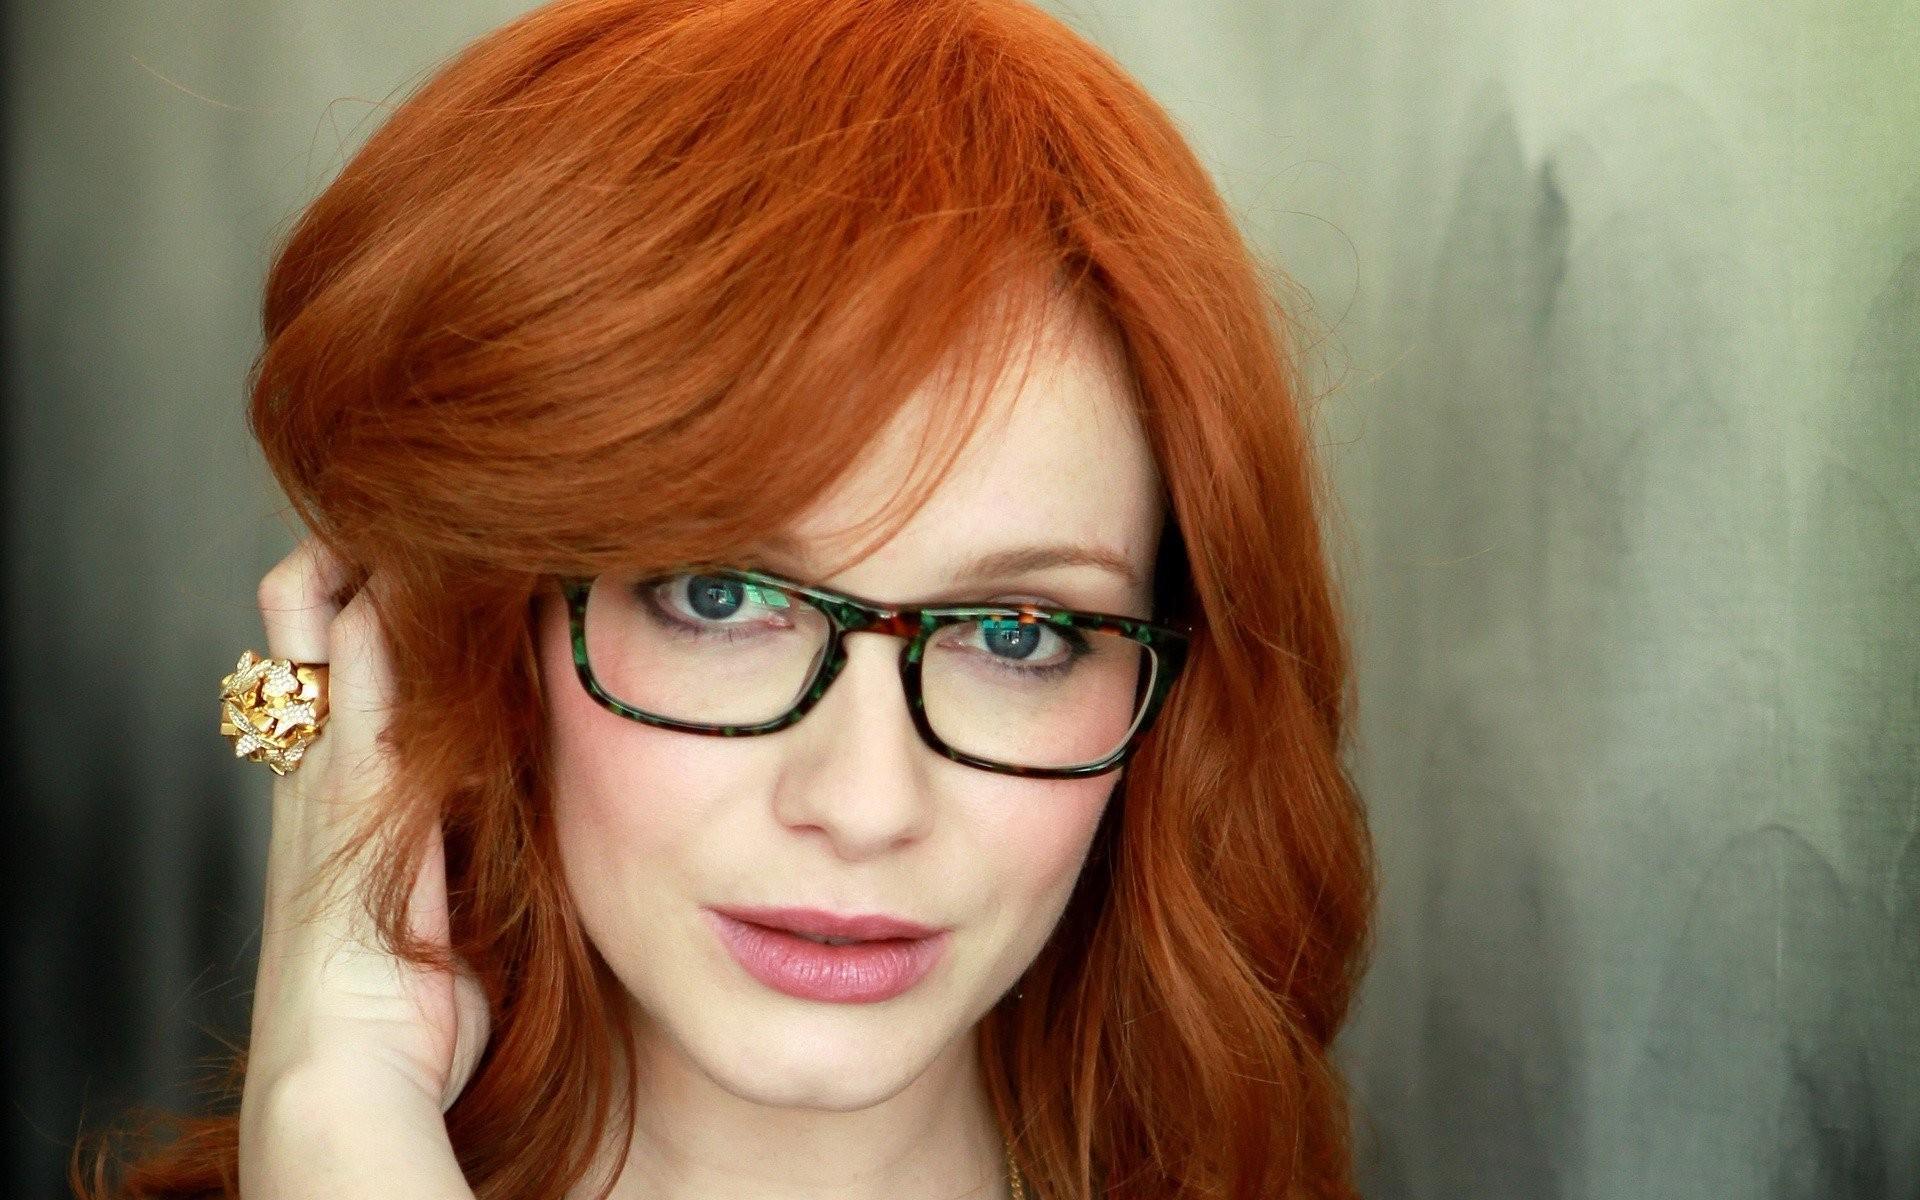 hintergrundbilder gesicht rothaarige modell portr t lange haare frauen mit brille. Black Bedroom Furniture Sets. Home Design Ideas